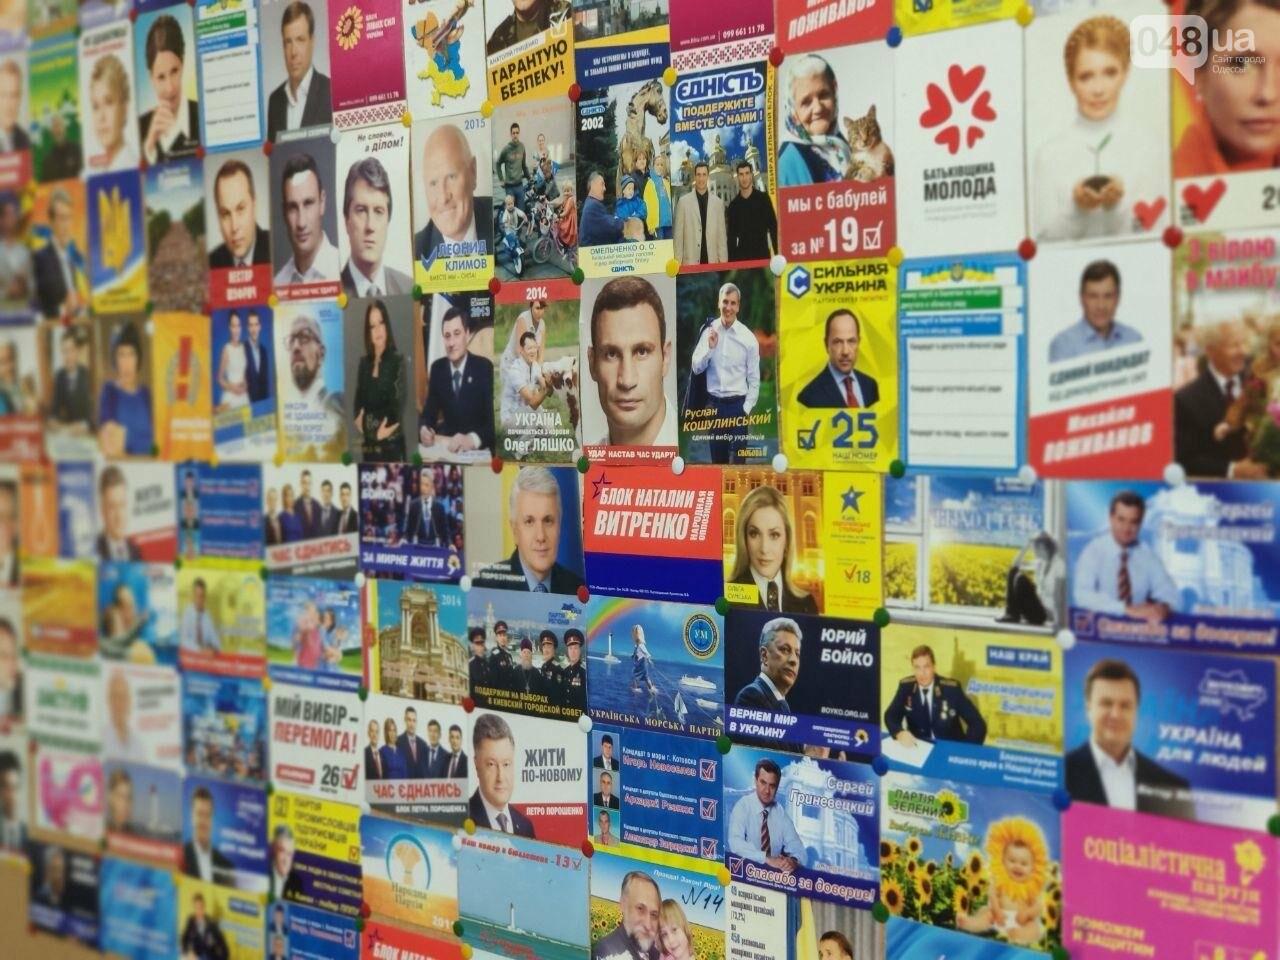 Гречка и секонд-хенд от кандидата: что посмотреть в новом музее выборов в Одессе, - ФОТОРЕПОРТАЖ, фото-1